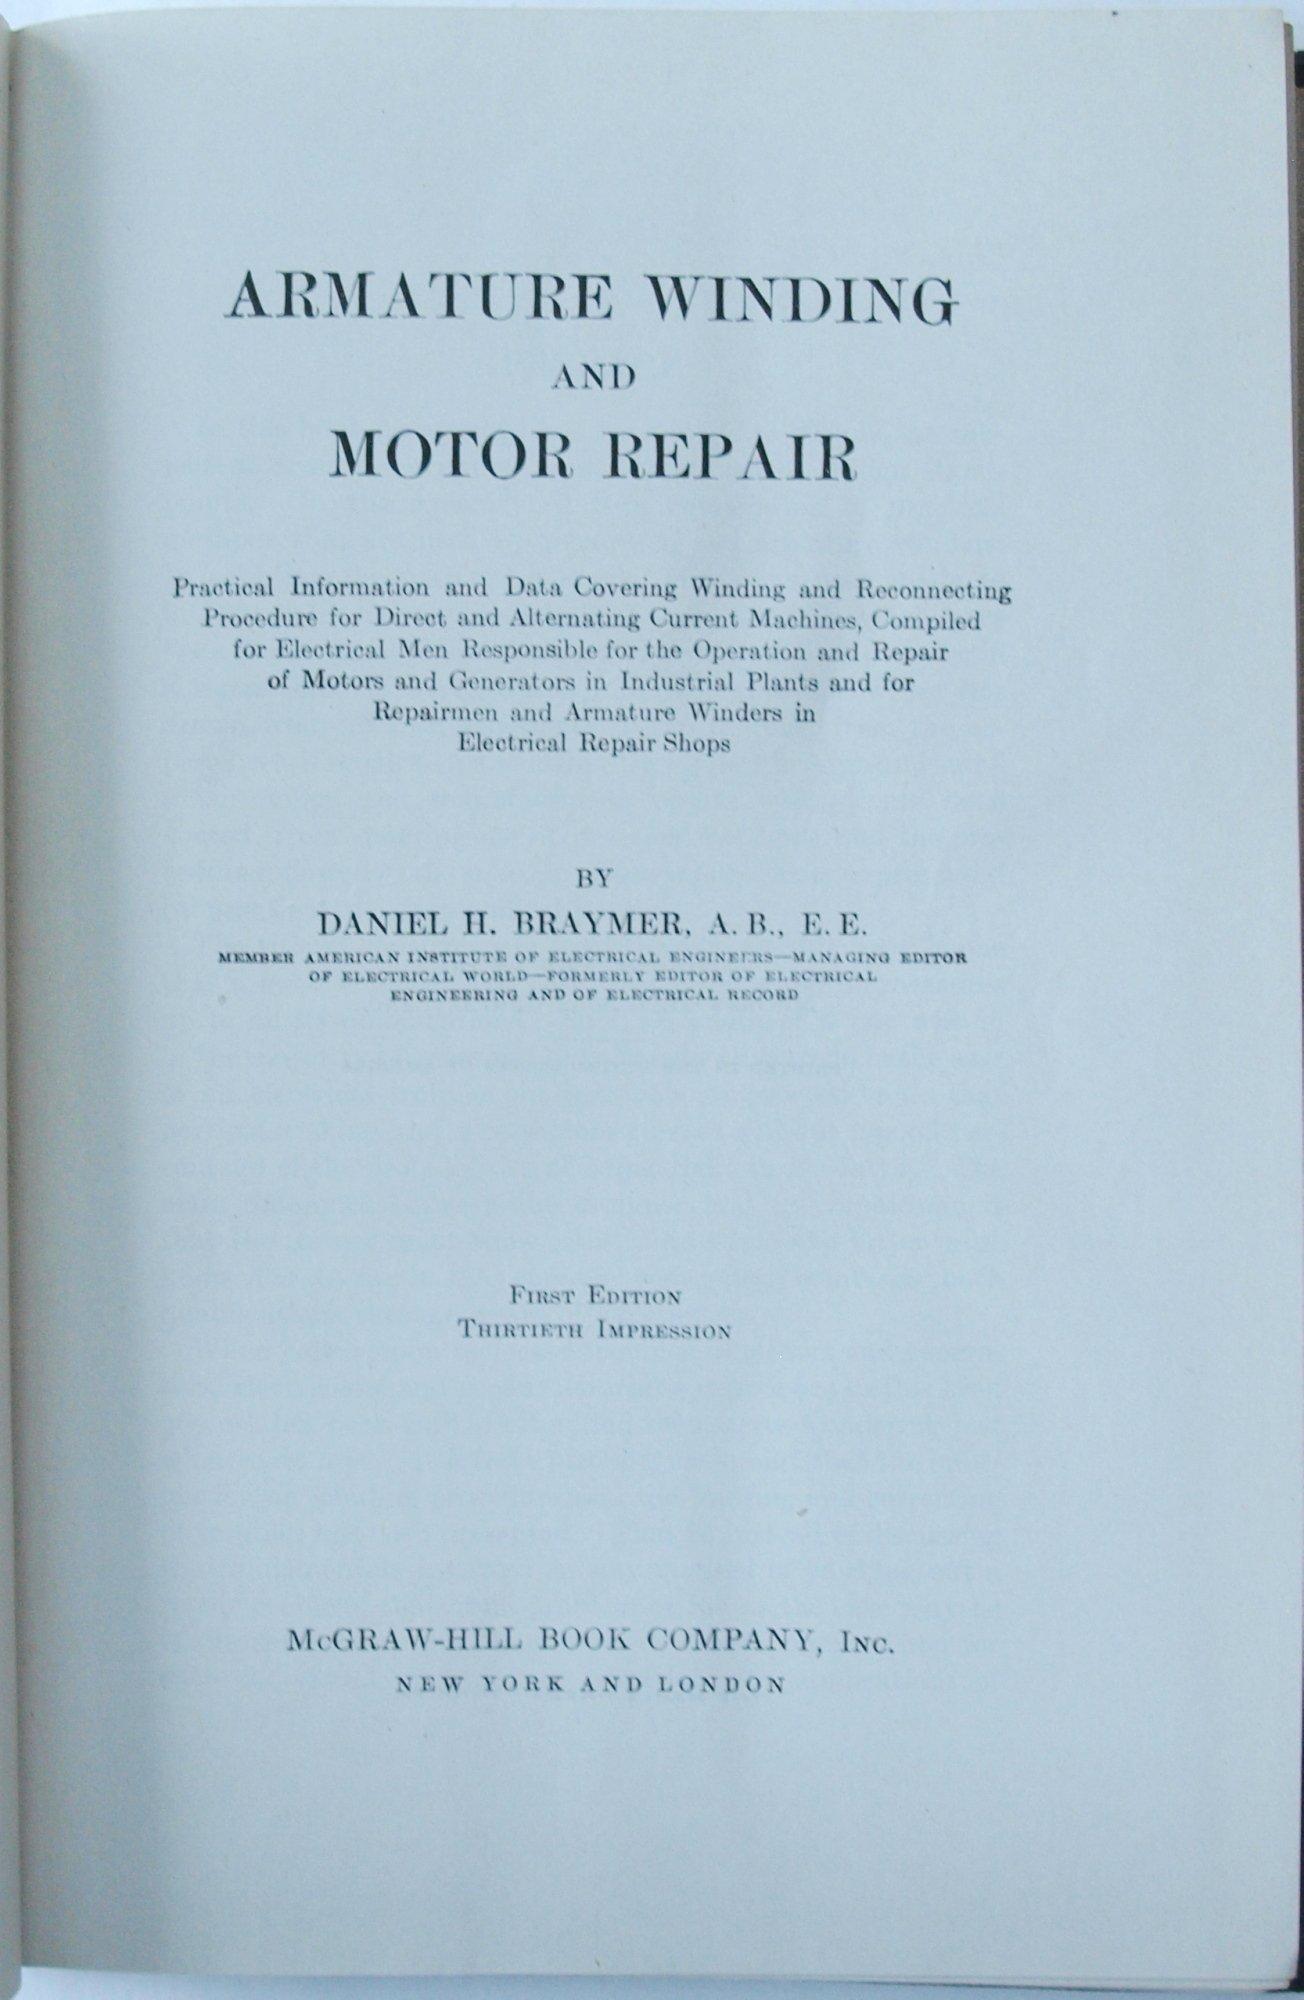 Armature Winding and Motor Repair: Daniel H. Braymer: Amazon.com: Books